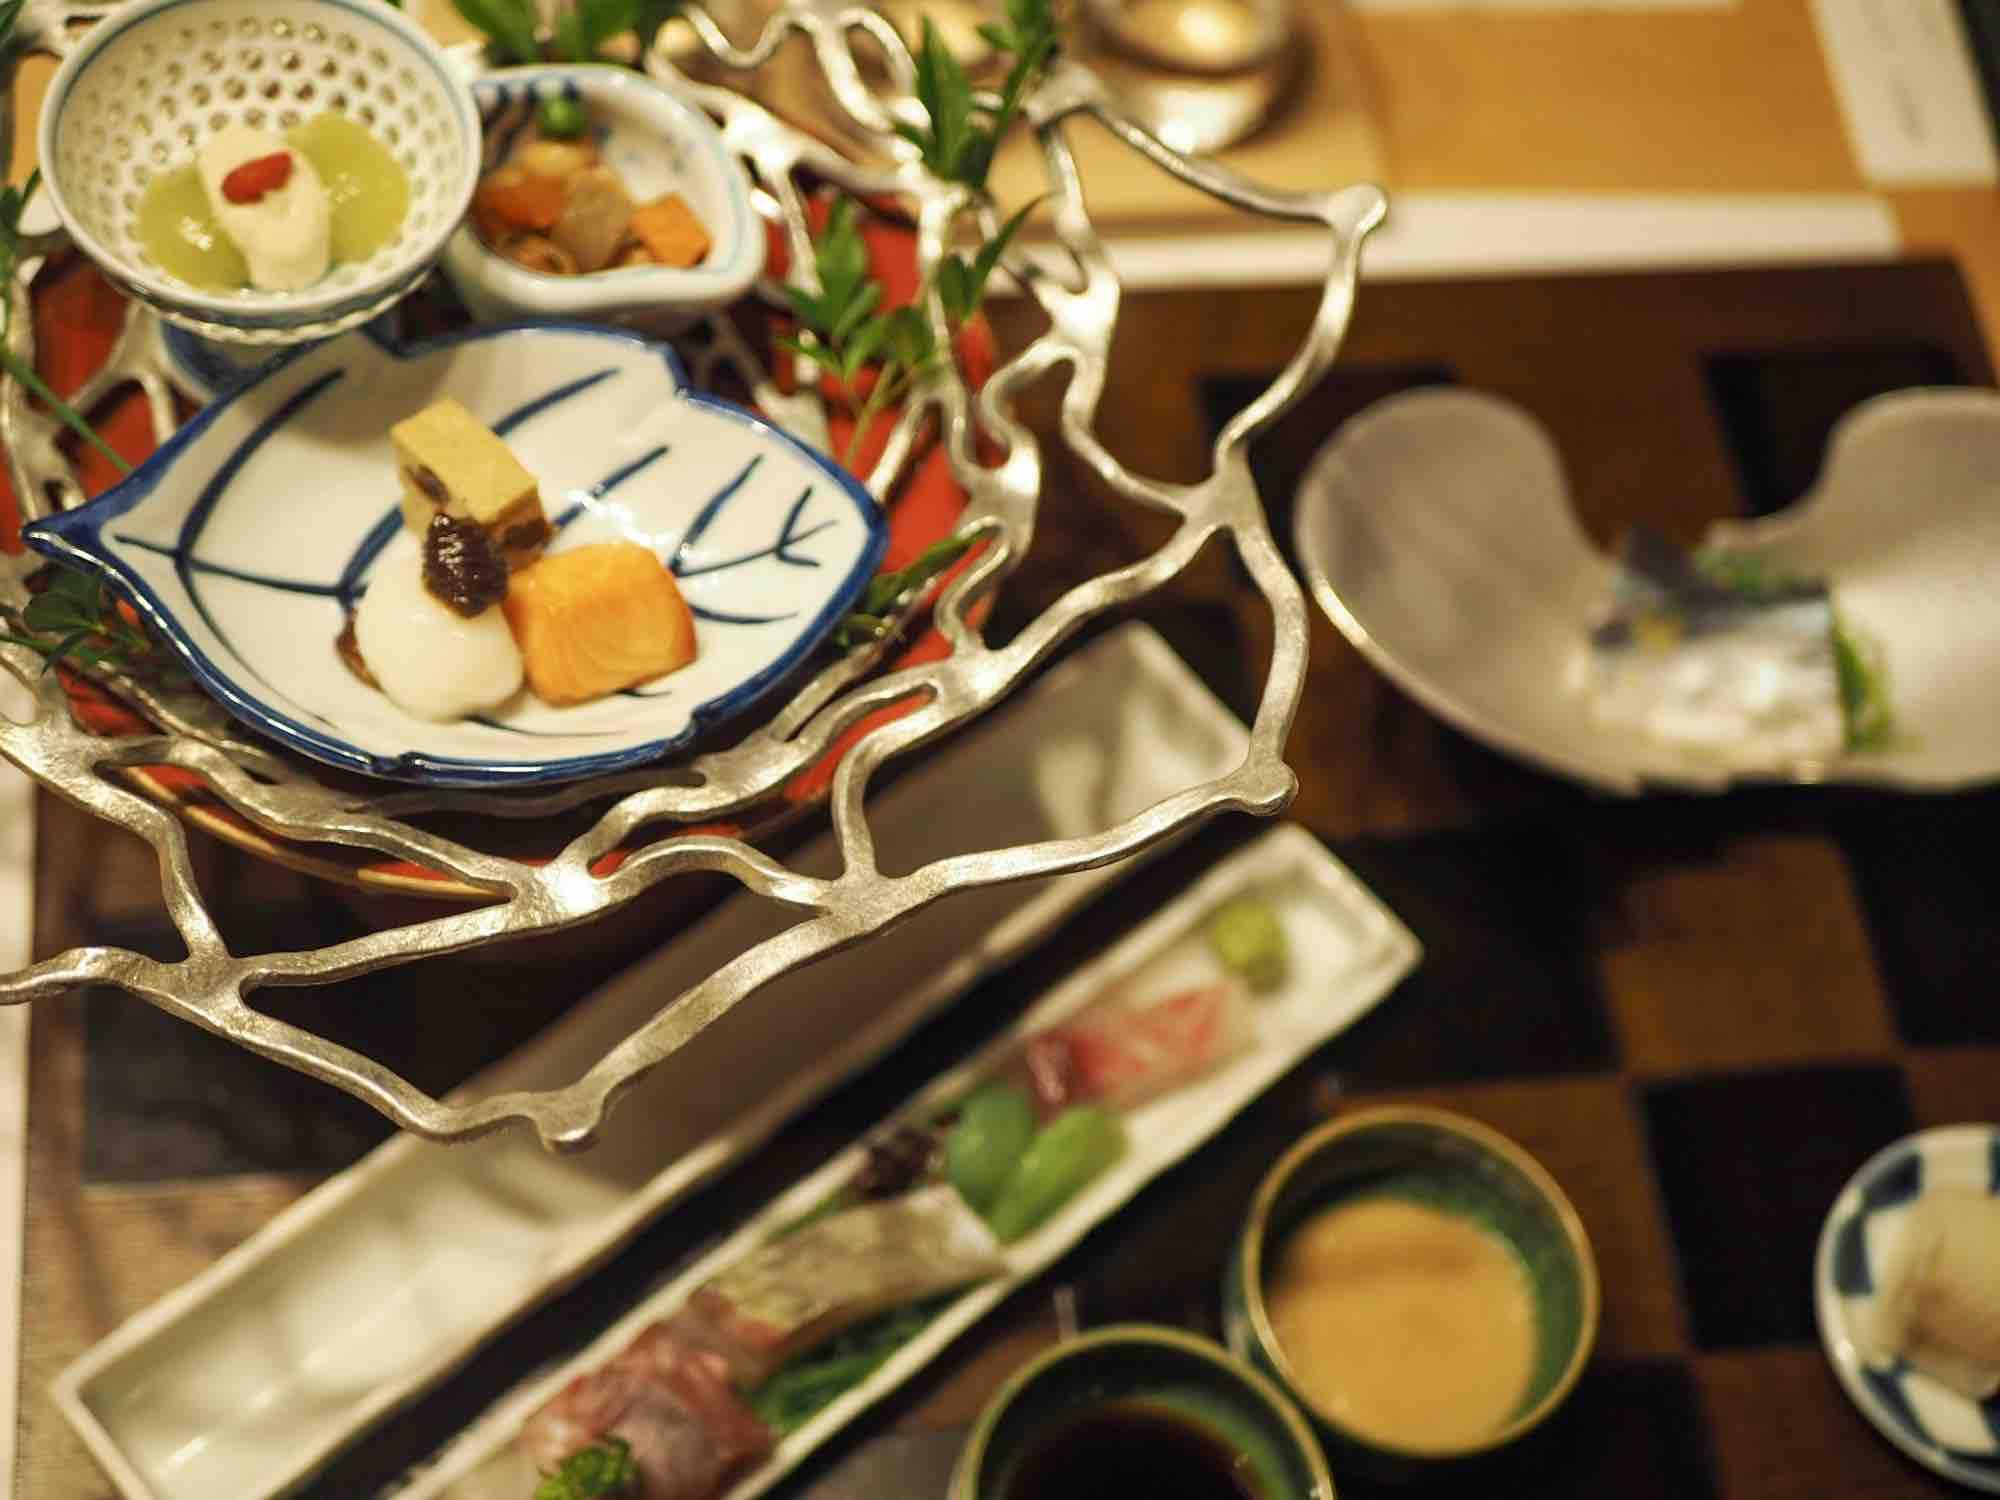 界仙石原のディナー